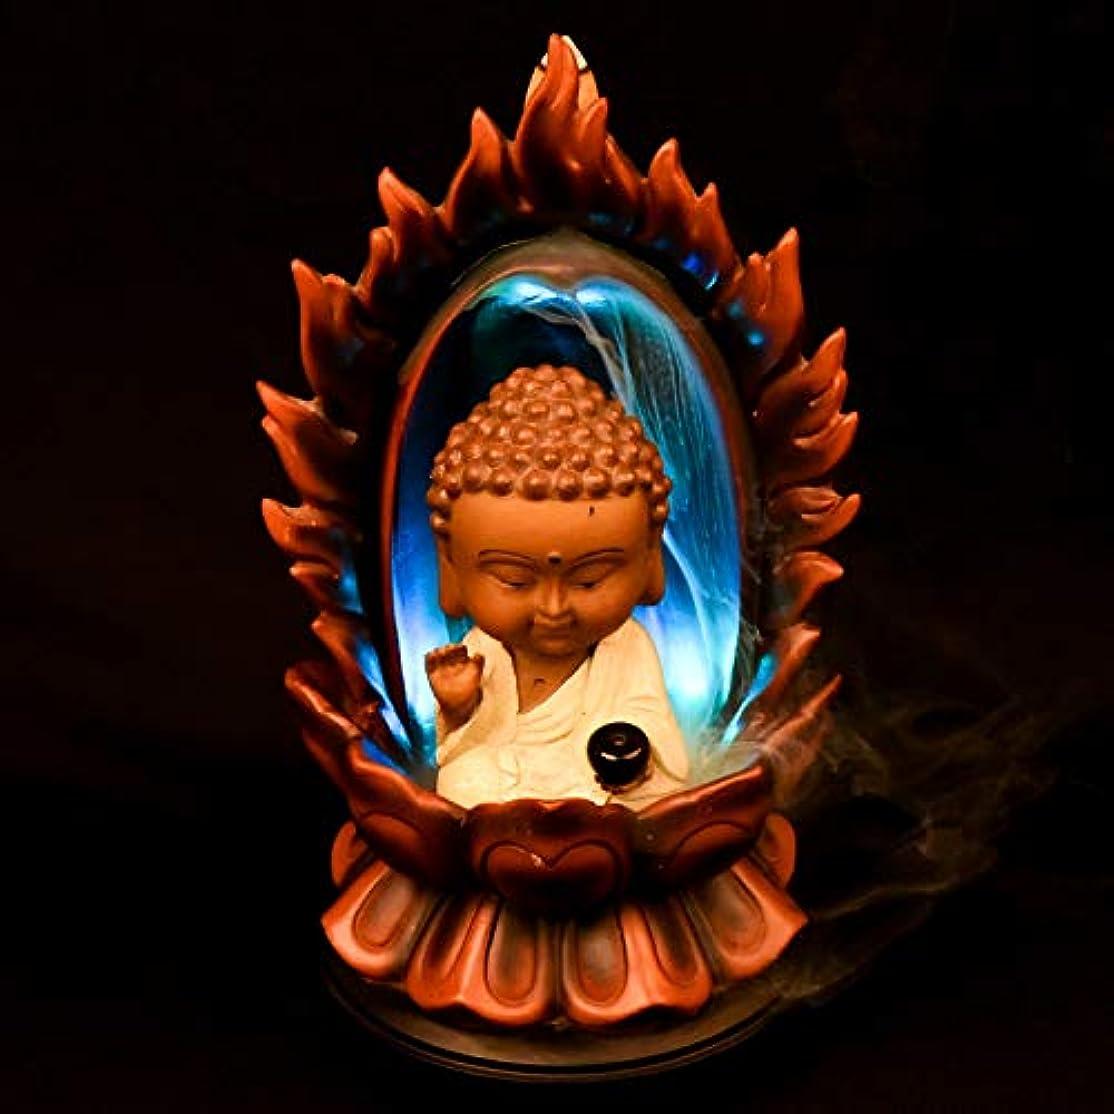 ペンス嬉しいですテレマコスPHILOGOD 樹脂逆流香 パーソナリティスタイリング仏壇用香炉/香立て お香 ホルダー ホームデコレーション